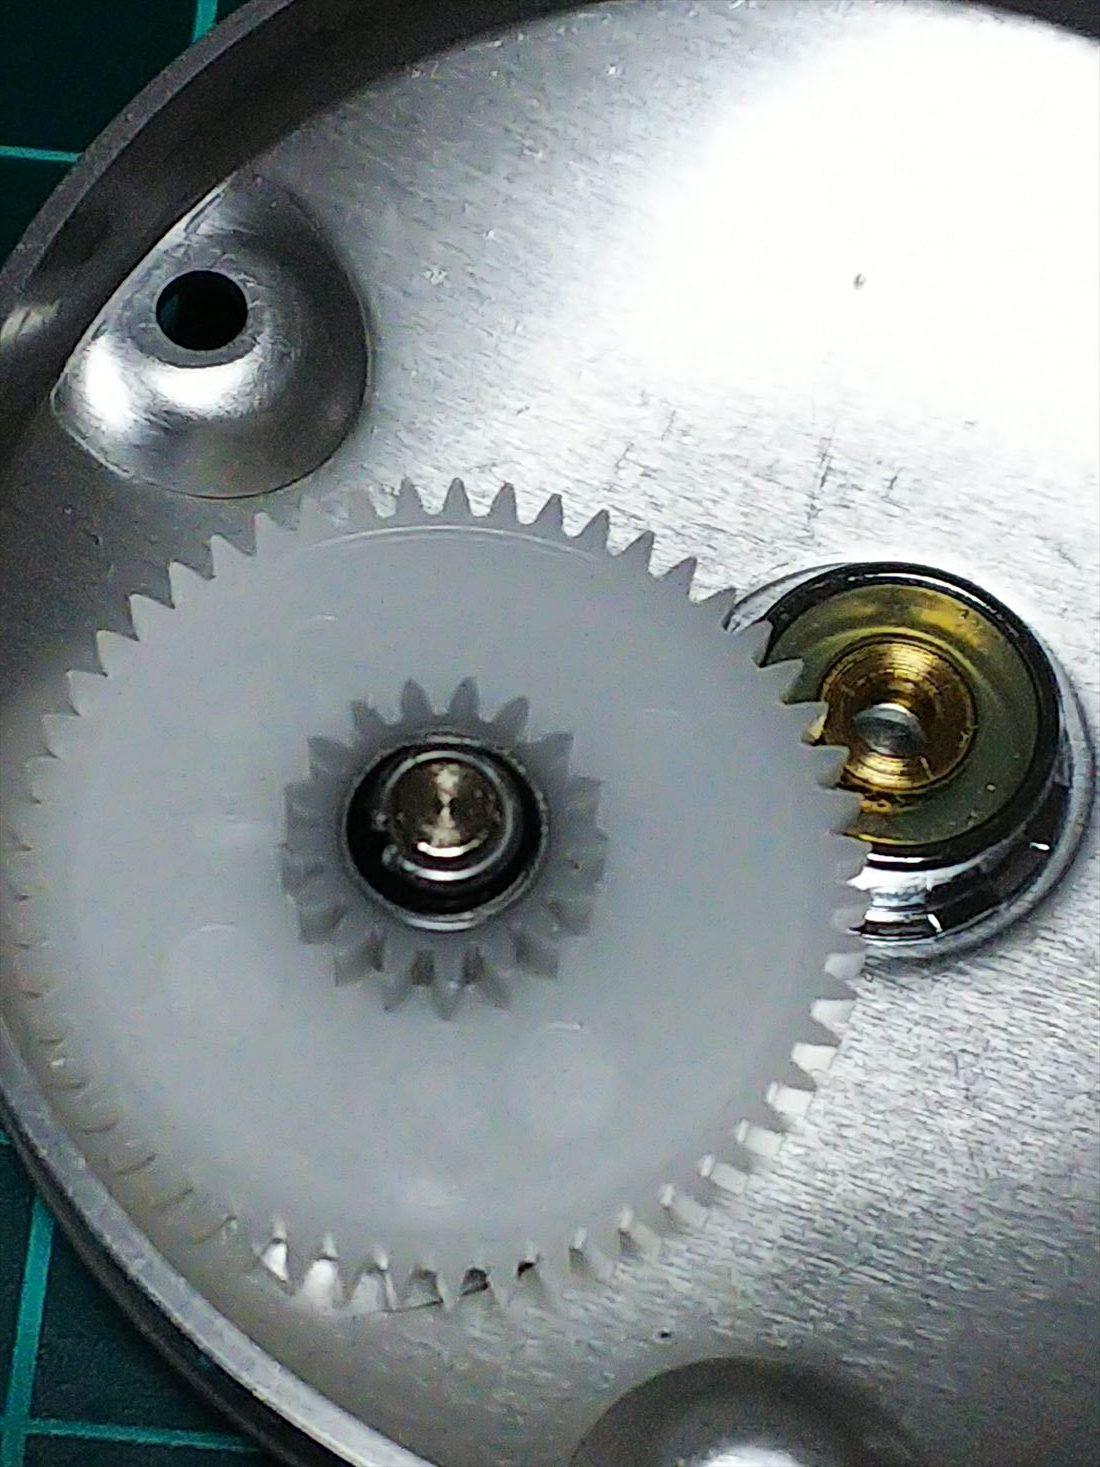 ABUアンアバサダーのEリング(4490)の代用品